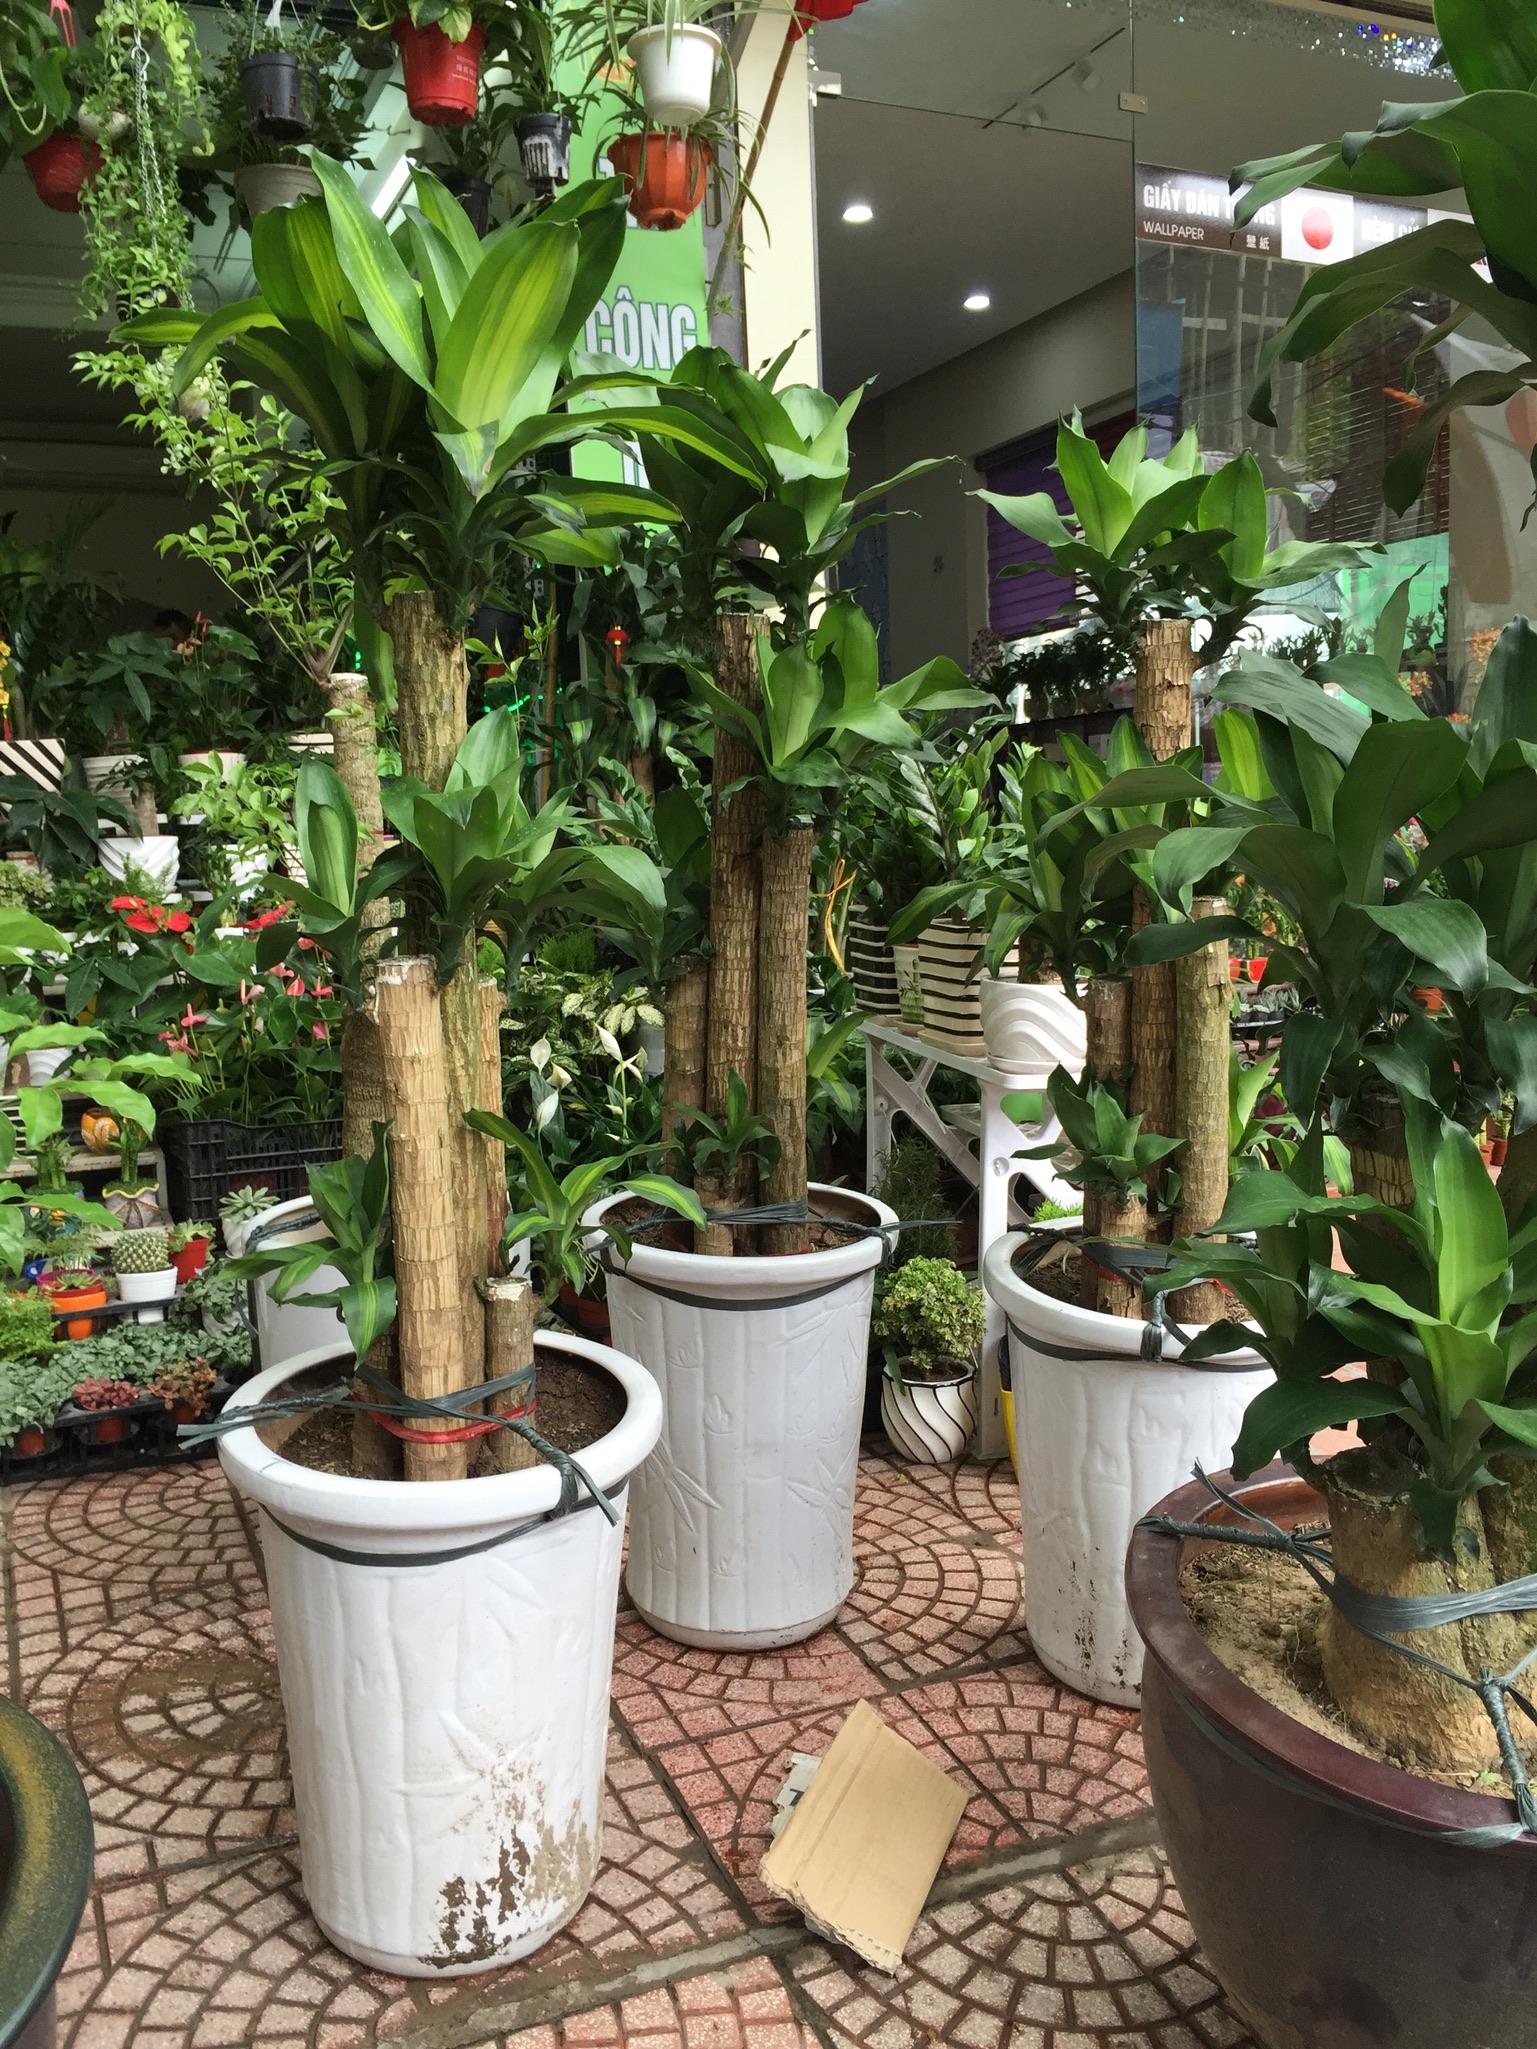 dich-vu-cho-thue-cay-1 Dịch vụ cho thuê cây cảnh uy tín tại Hà Nội